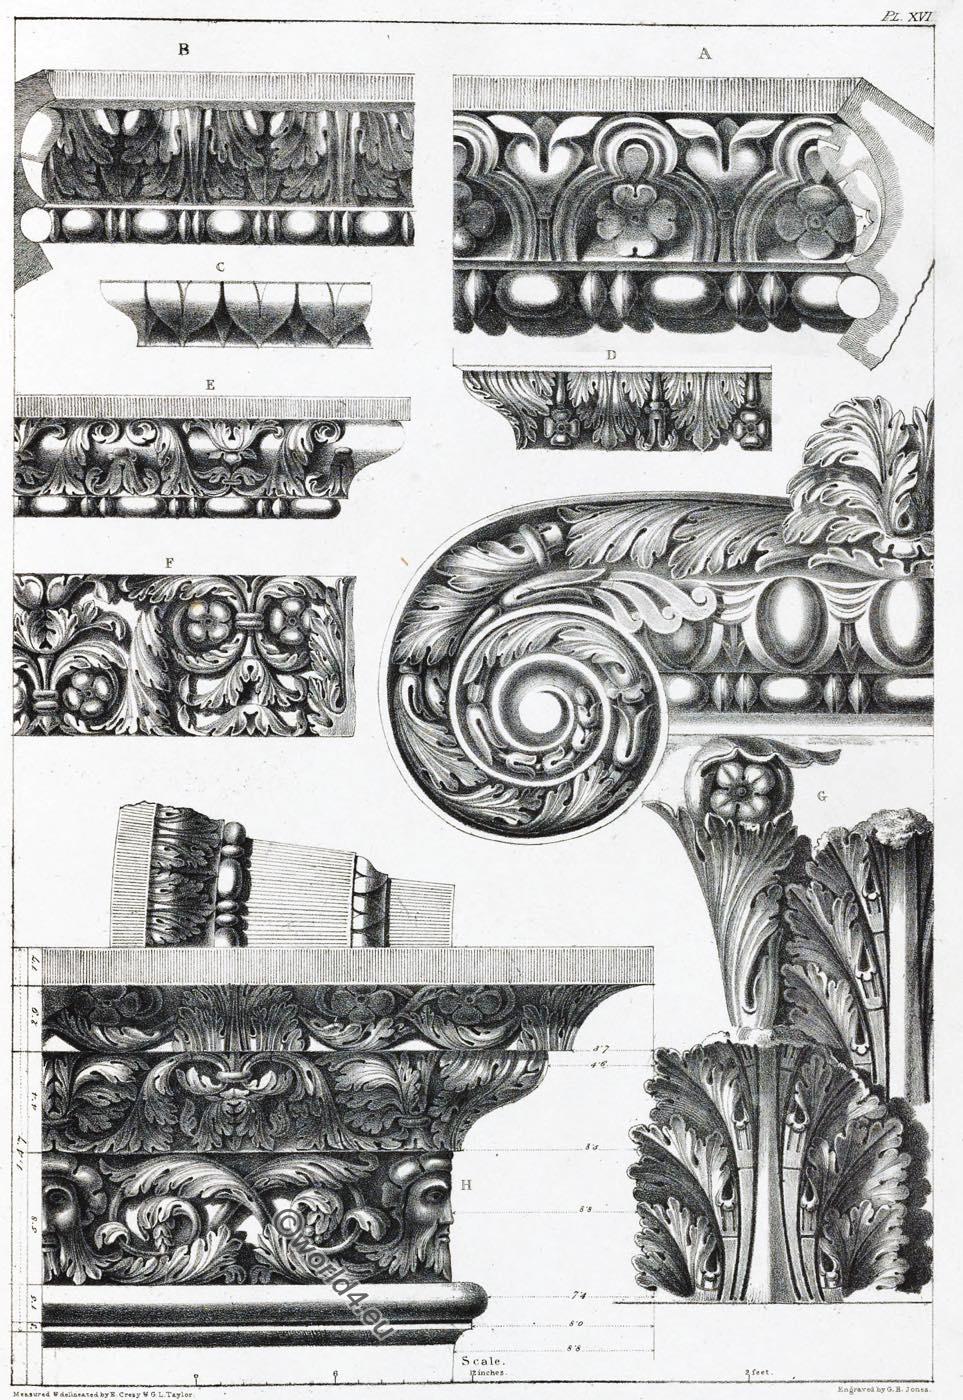 Arch, Septimius, Severus, Rome, Capital, Ornament, Decoration, Architecture, antiquities,